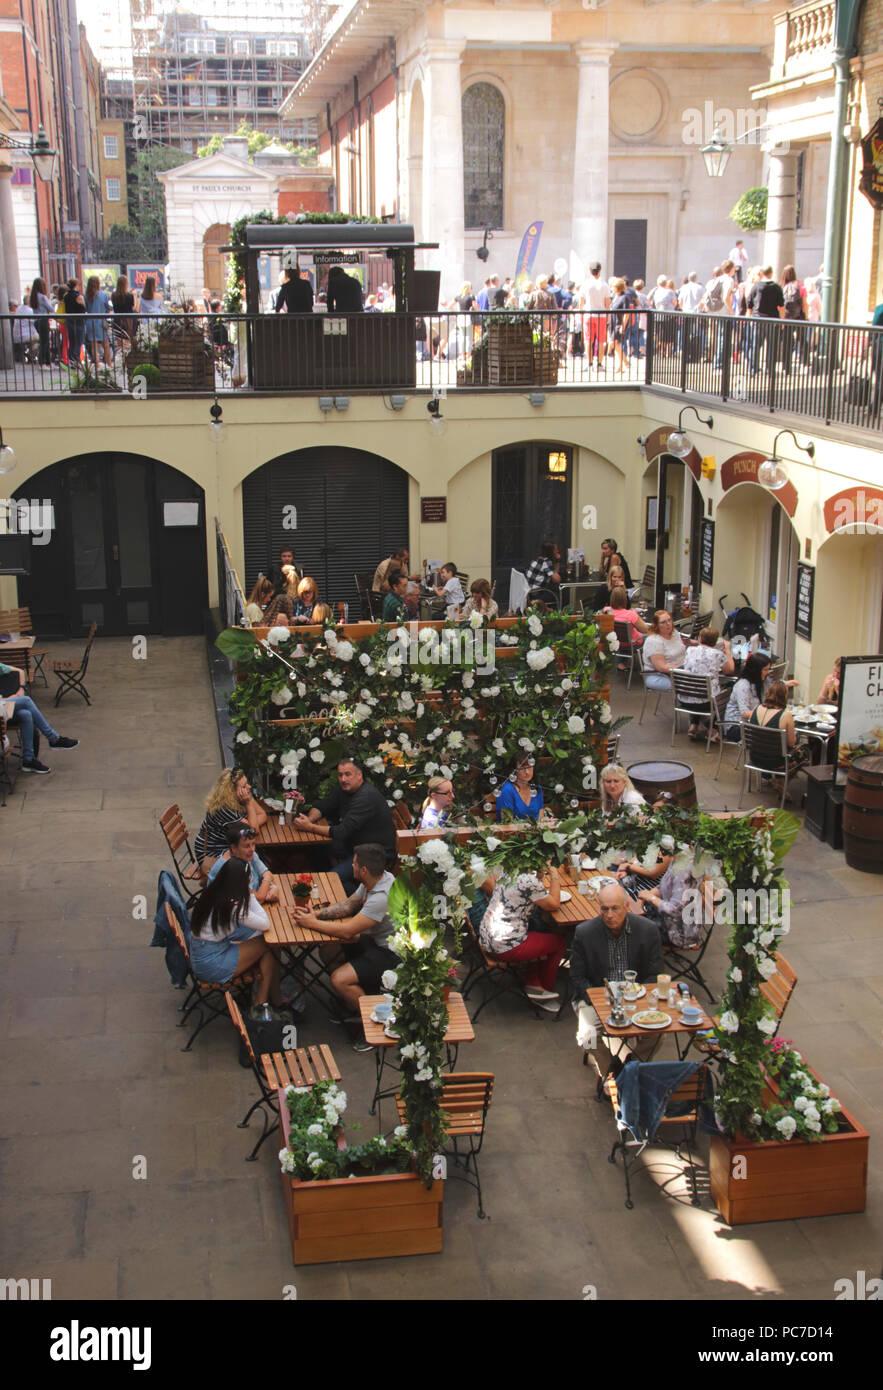 Inside Covent Garden Market London September 2017 Stock Photo